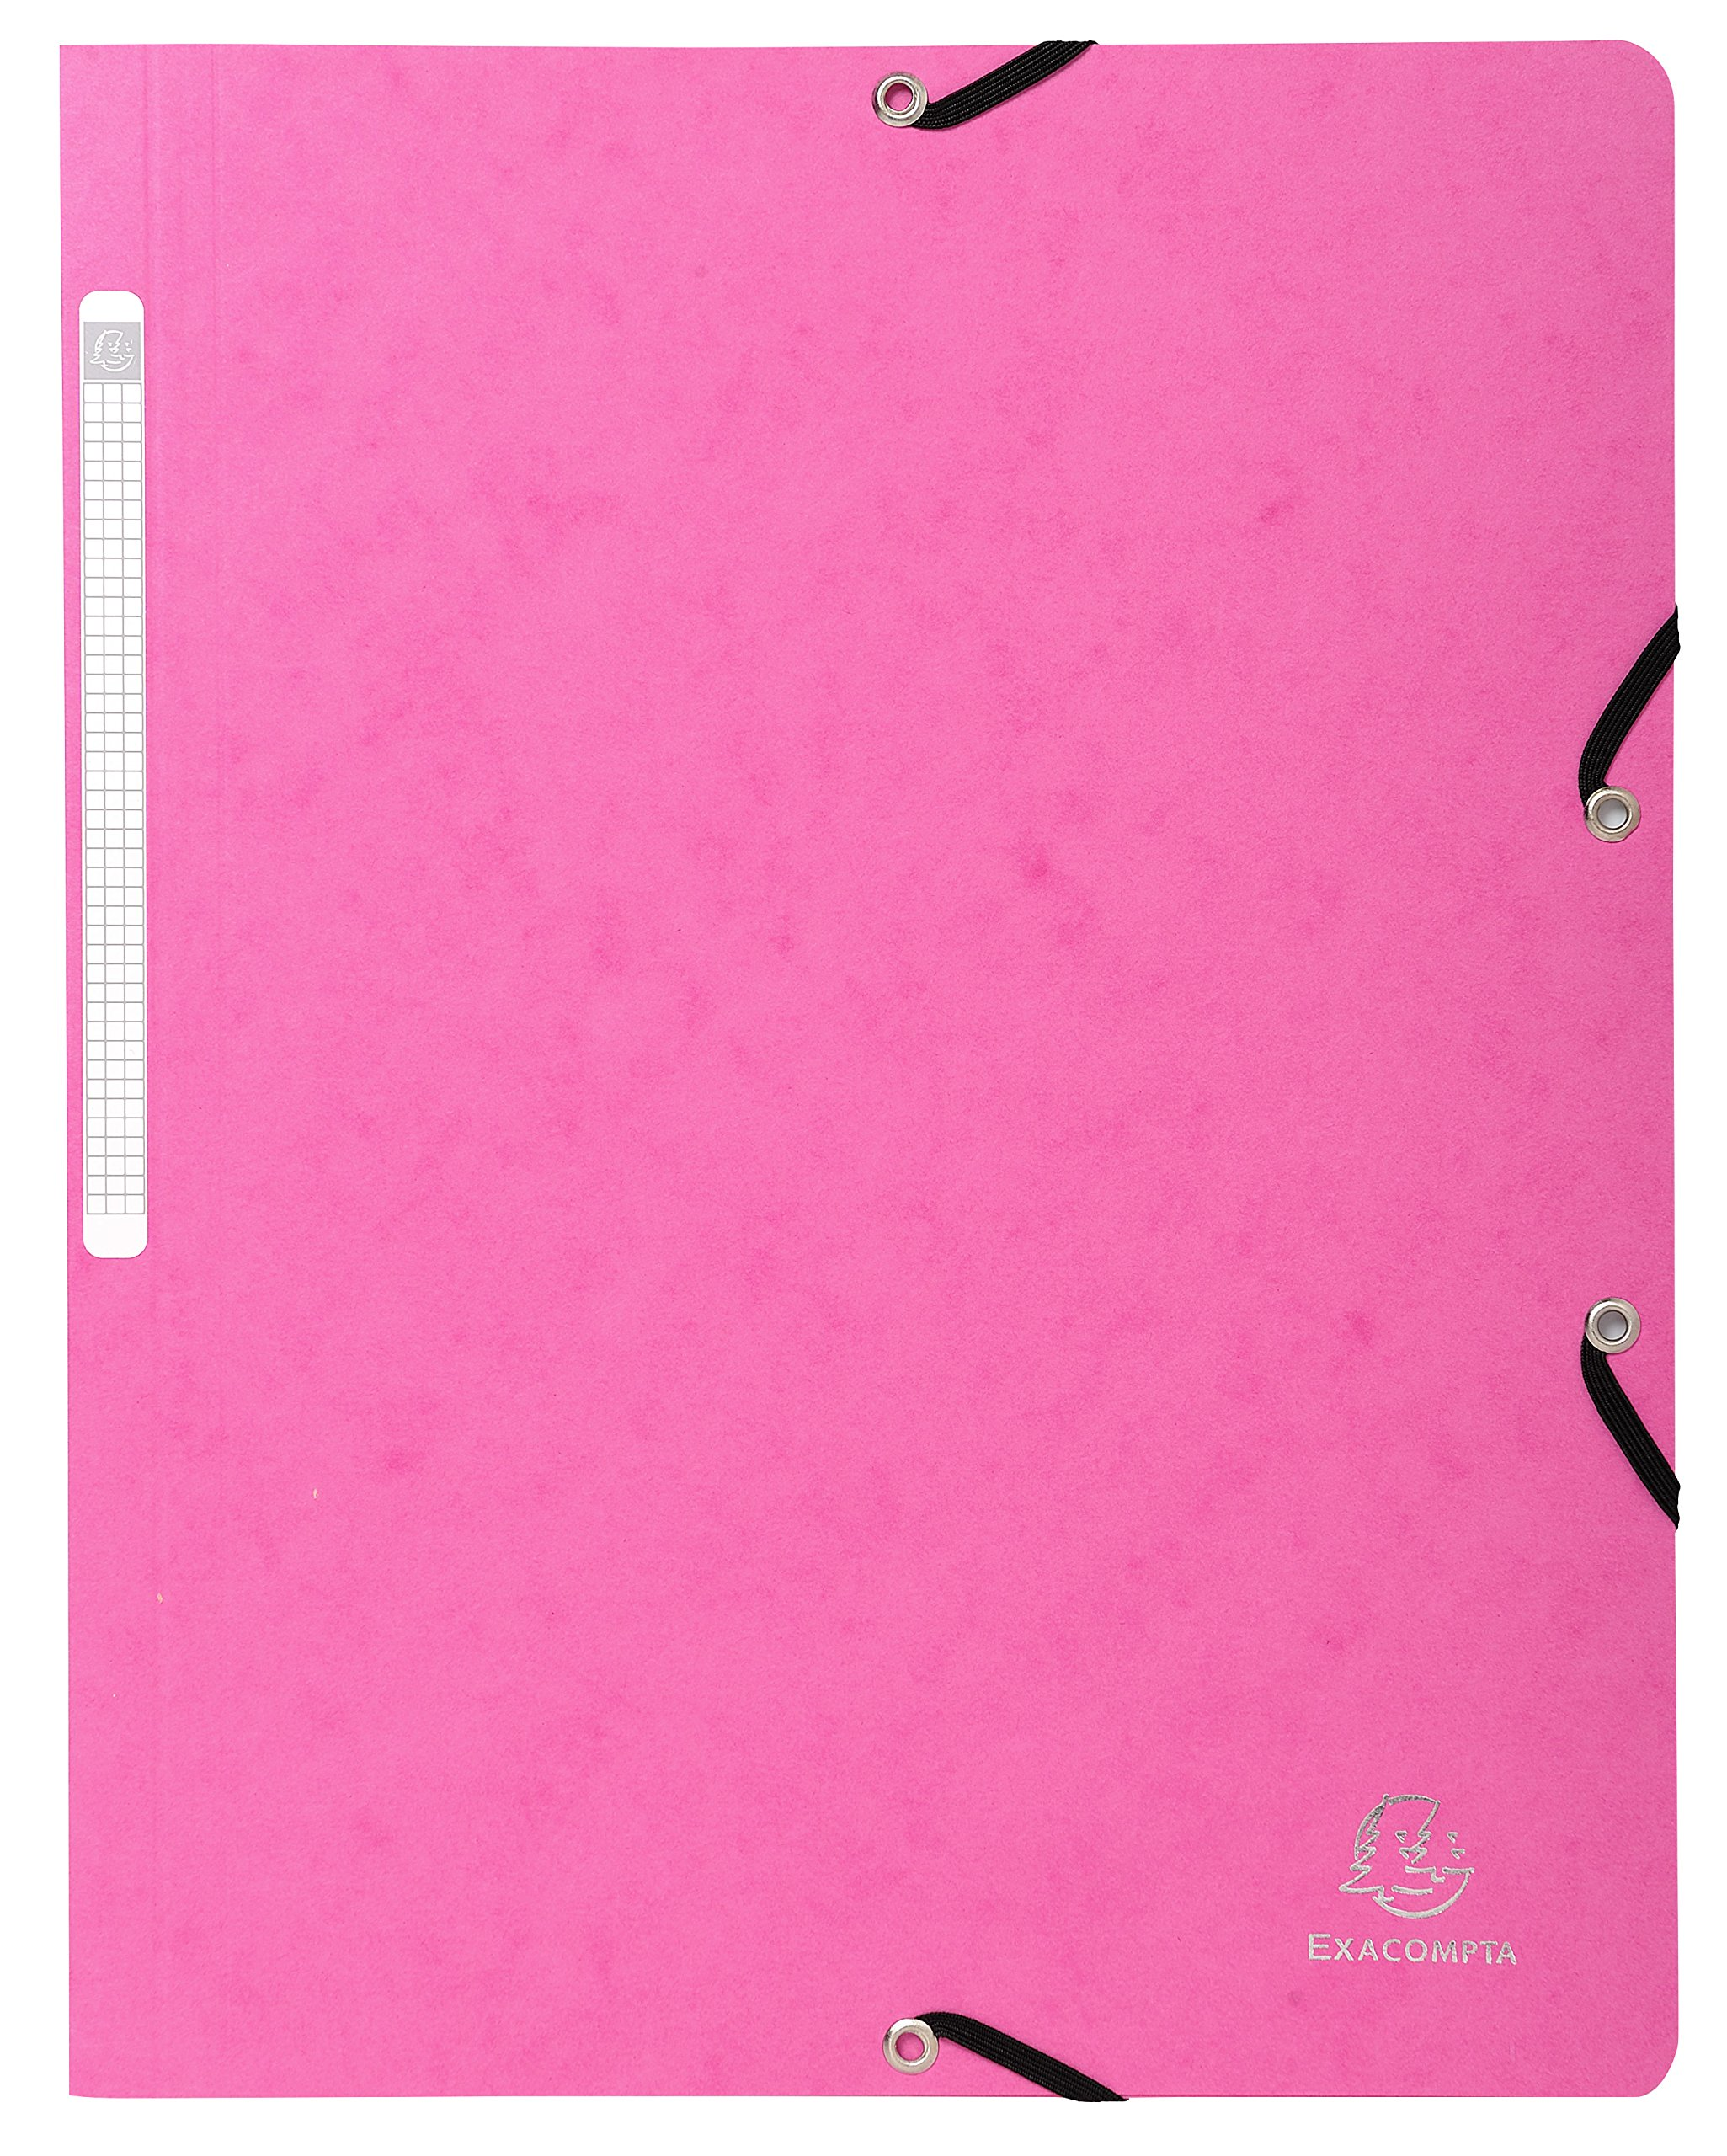 Exacompta Folder 5560E, Manila Cardboard DIN A4, Fuchsia